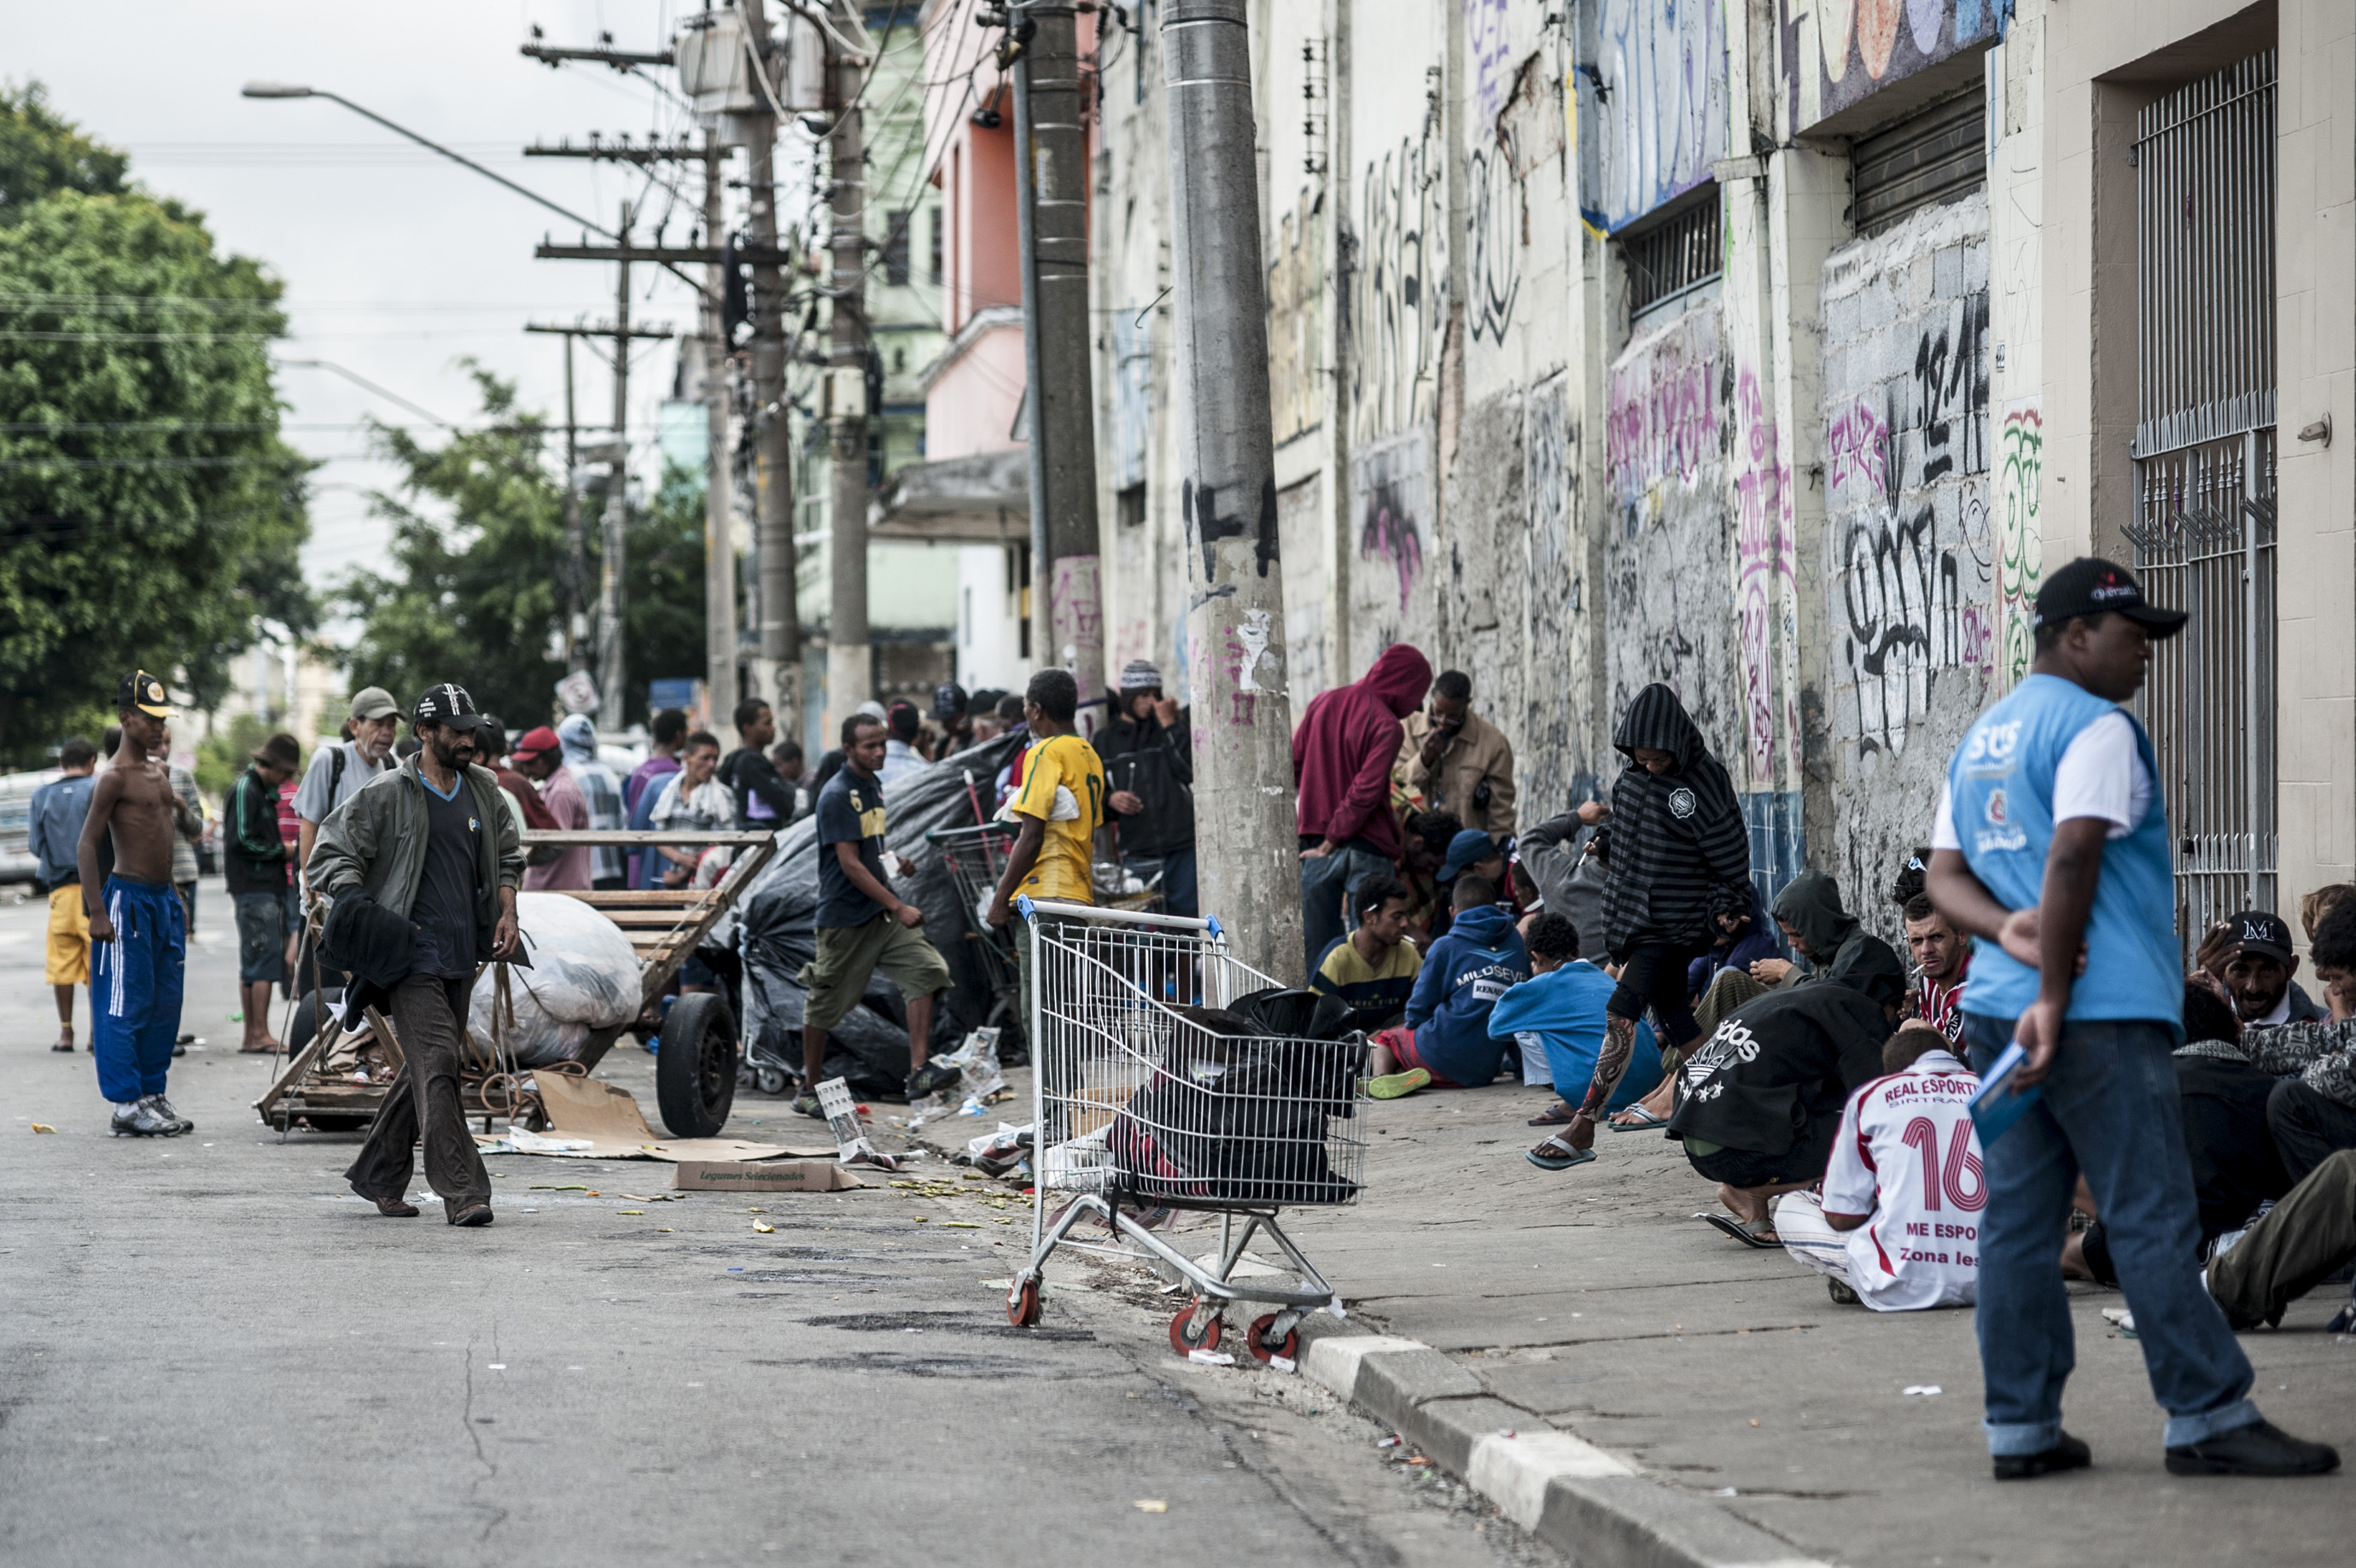 A tragédia chamada Crack: Número de usuários chega a 370 mil nas capitais brasileiras